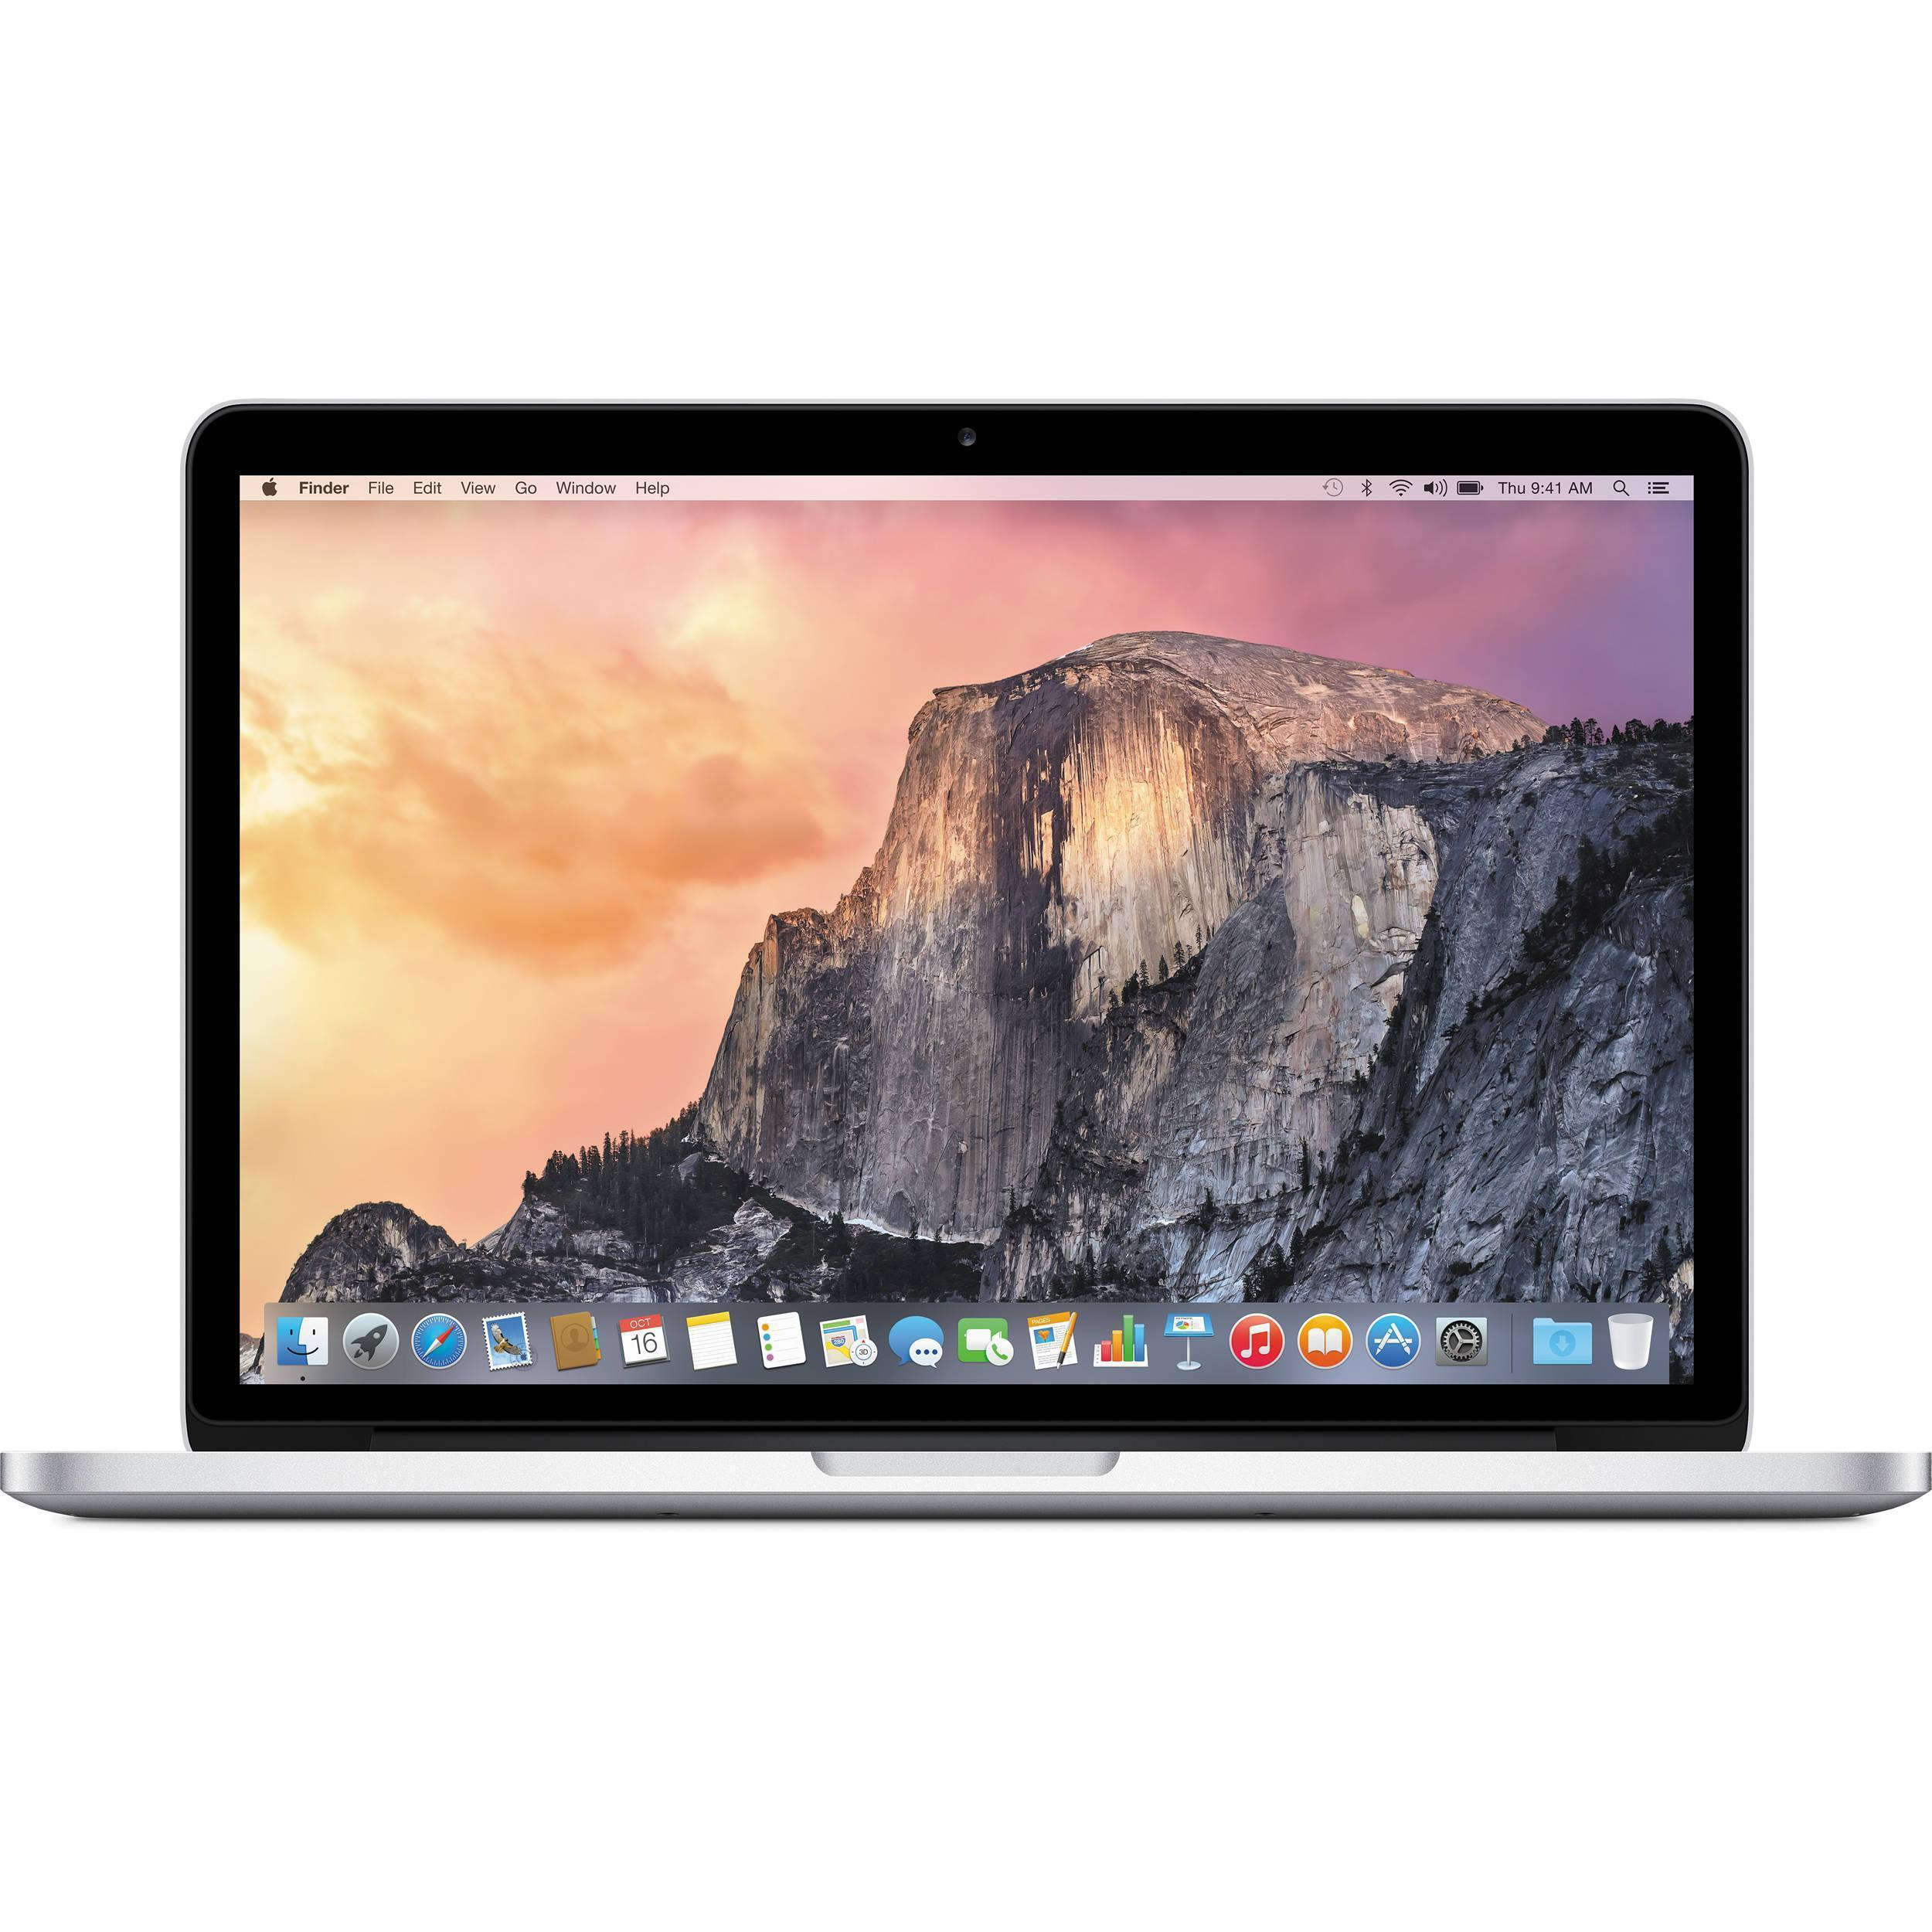 MacBook Pro Retina 13,3-tum (2013) - Core i5 - 4GB - SSD 128 GB QWERTY - Engelska (Storbritannien)